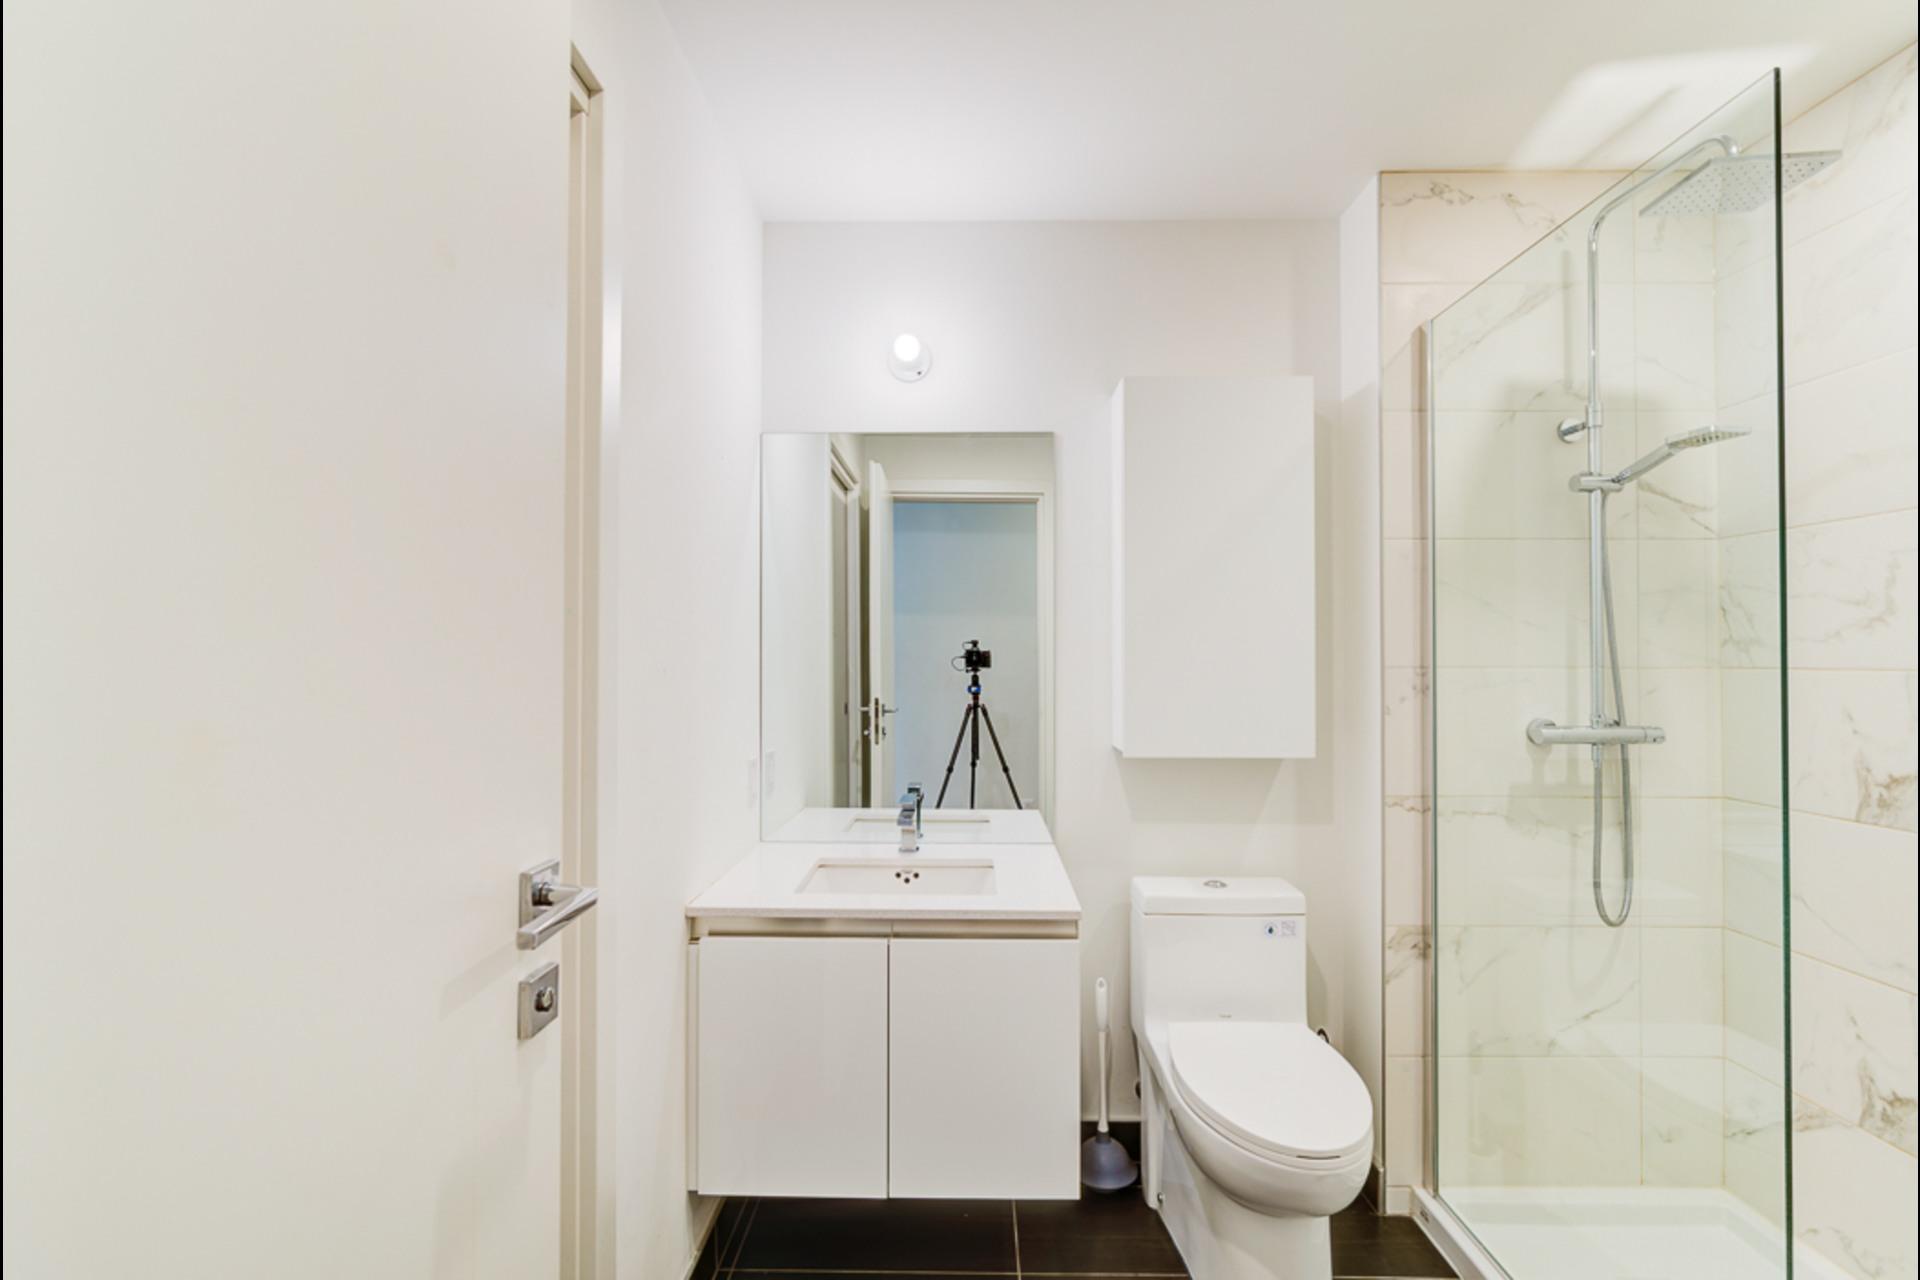 image 14 - Condo For rent Montréal - 4 rooms